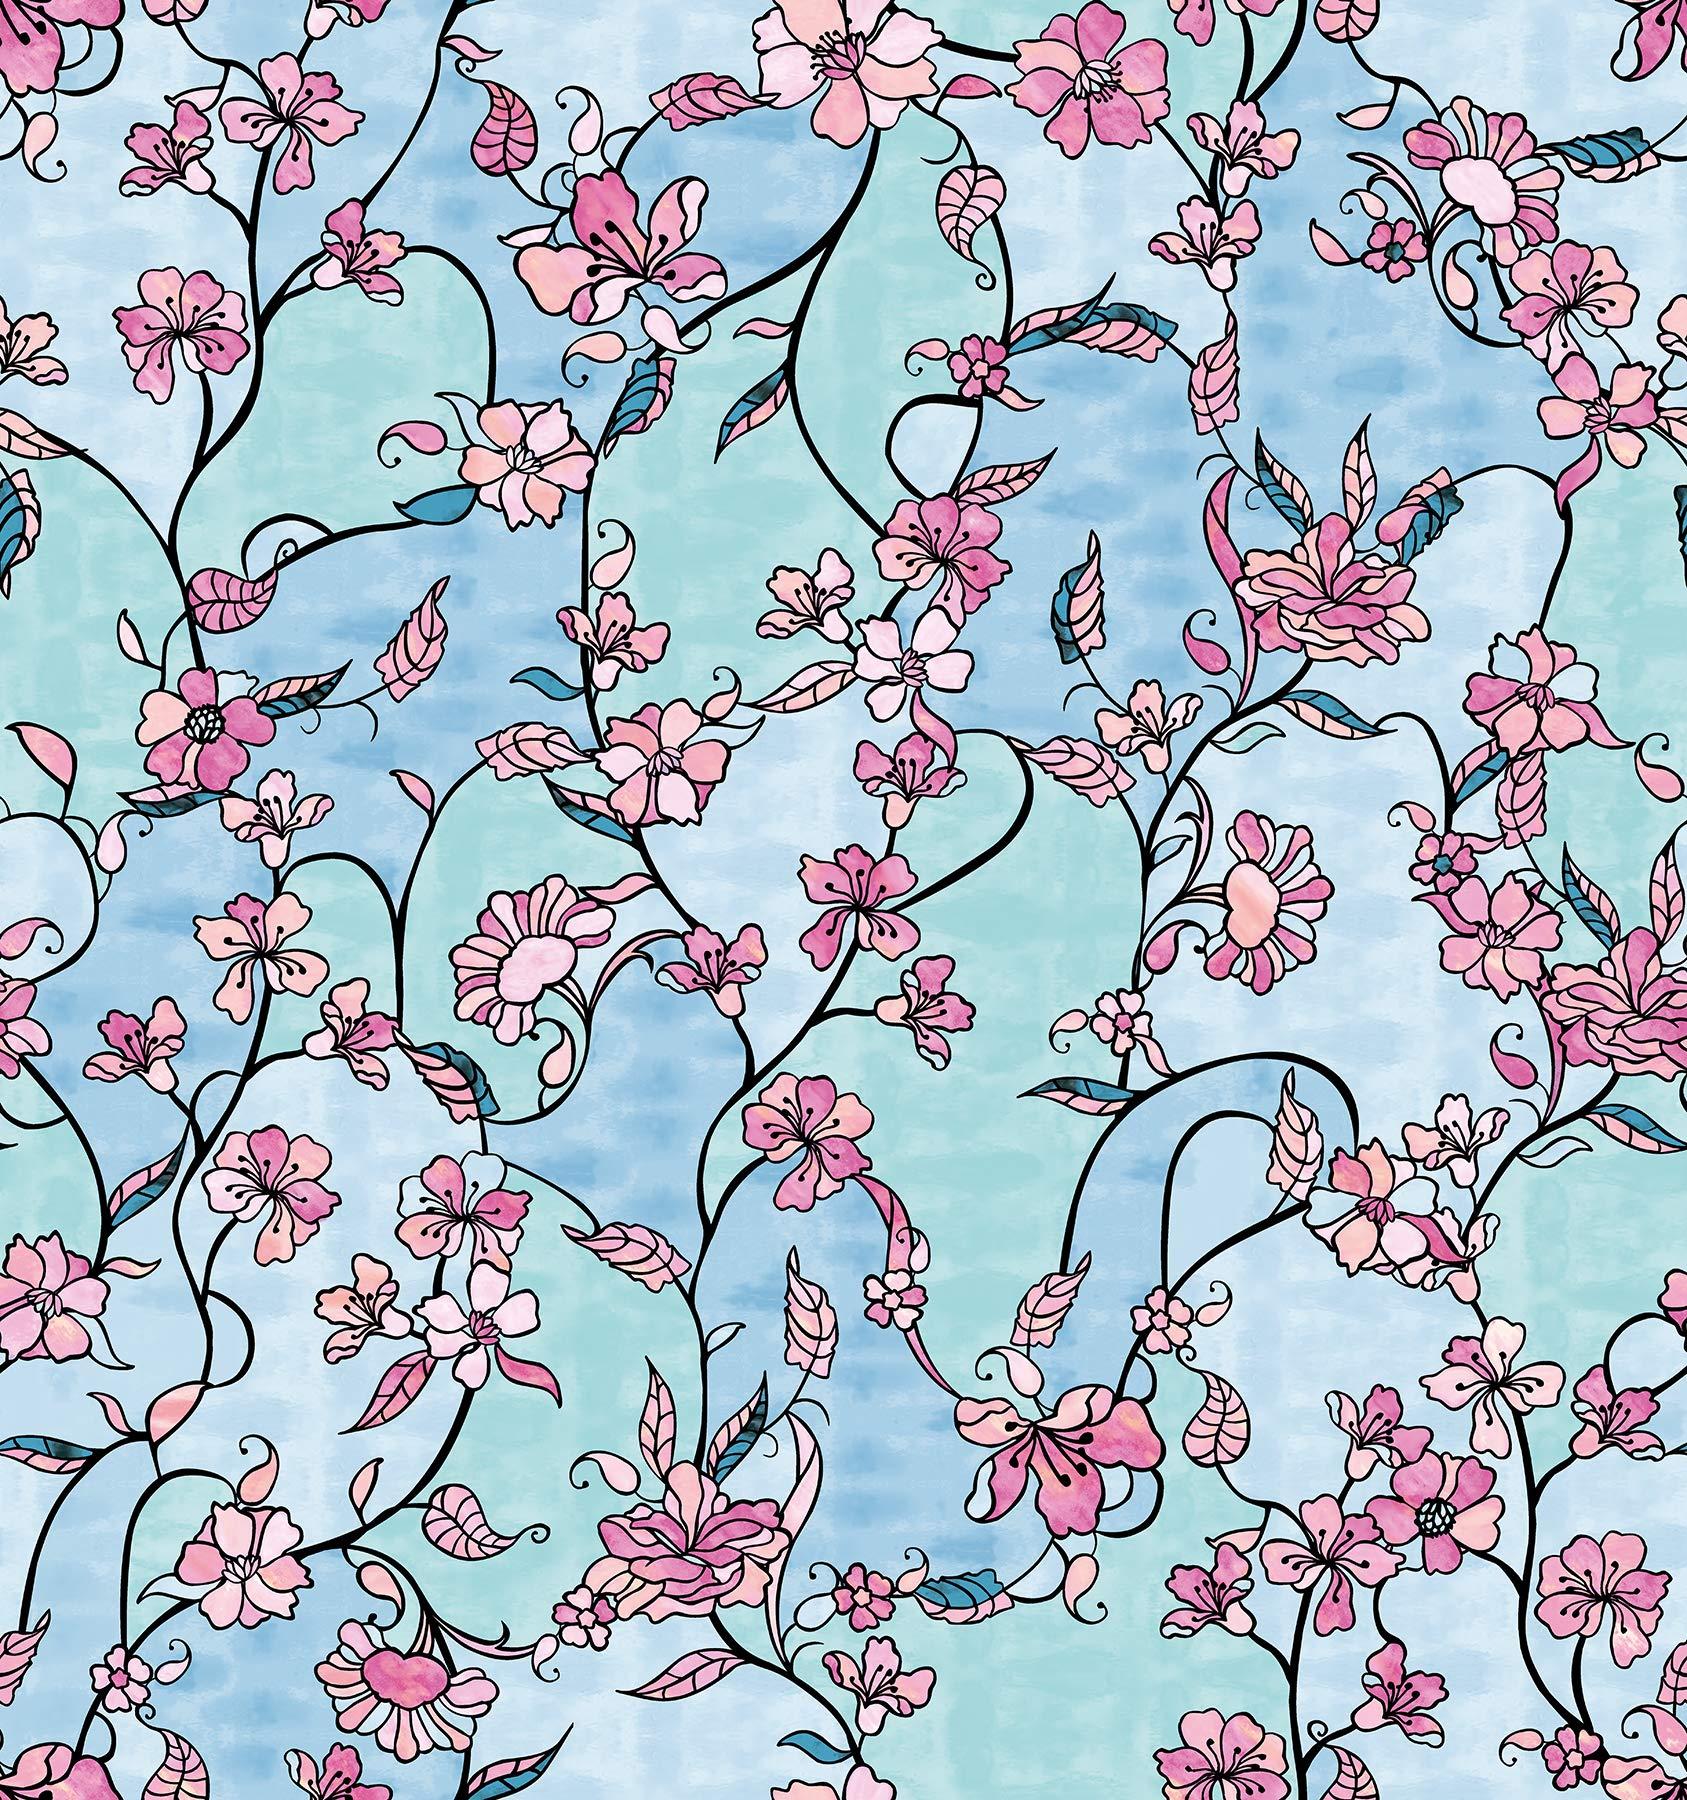 DC Fix 338-8141 Cherry Blossom Window Adhesive Film, Multicolor